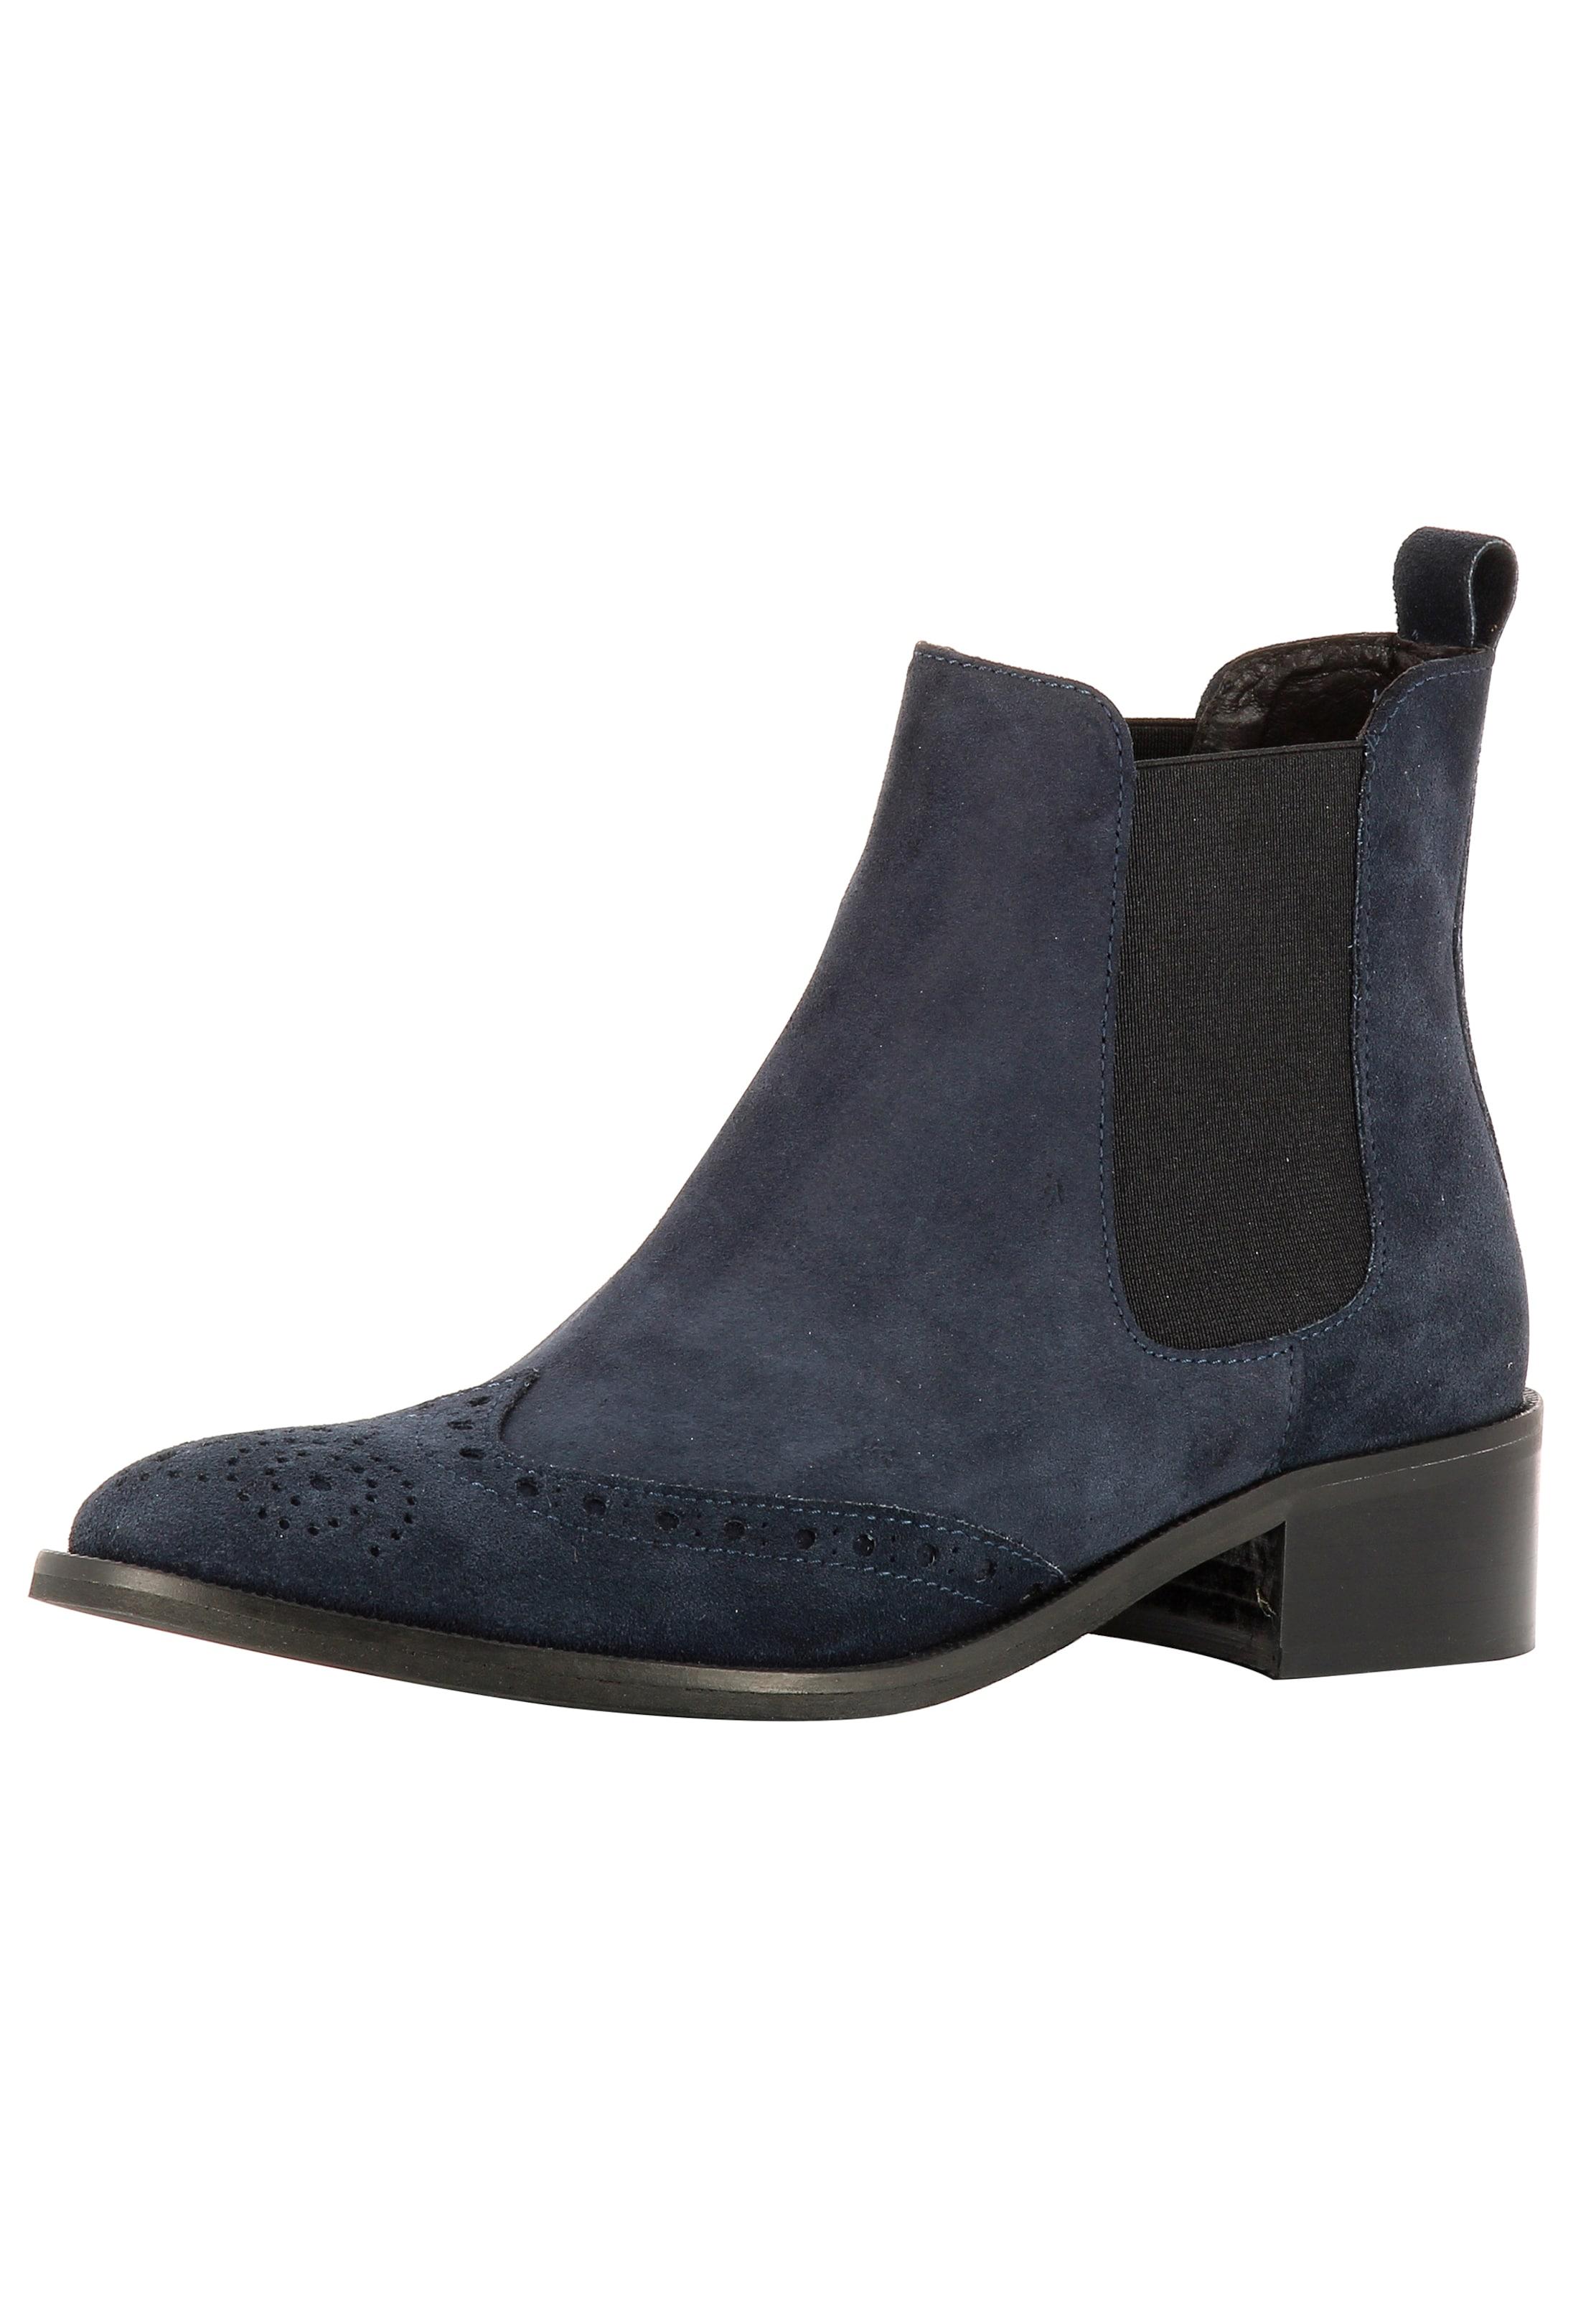 EVITA Damen Reiterstiefelette Verschleißfeste billige Schuhe